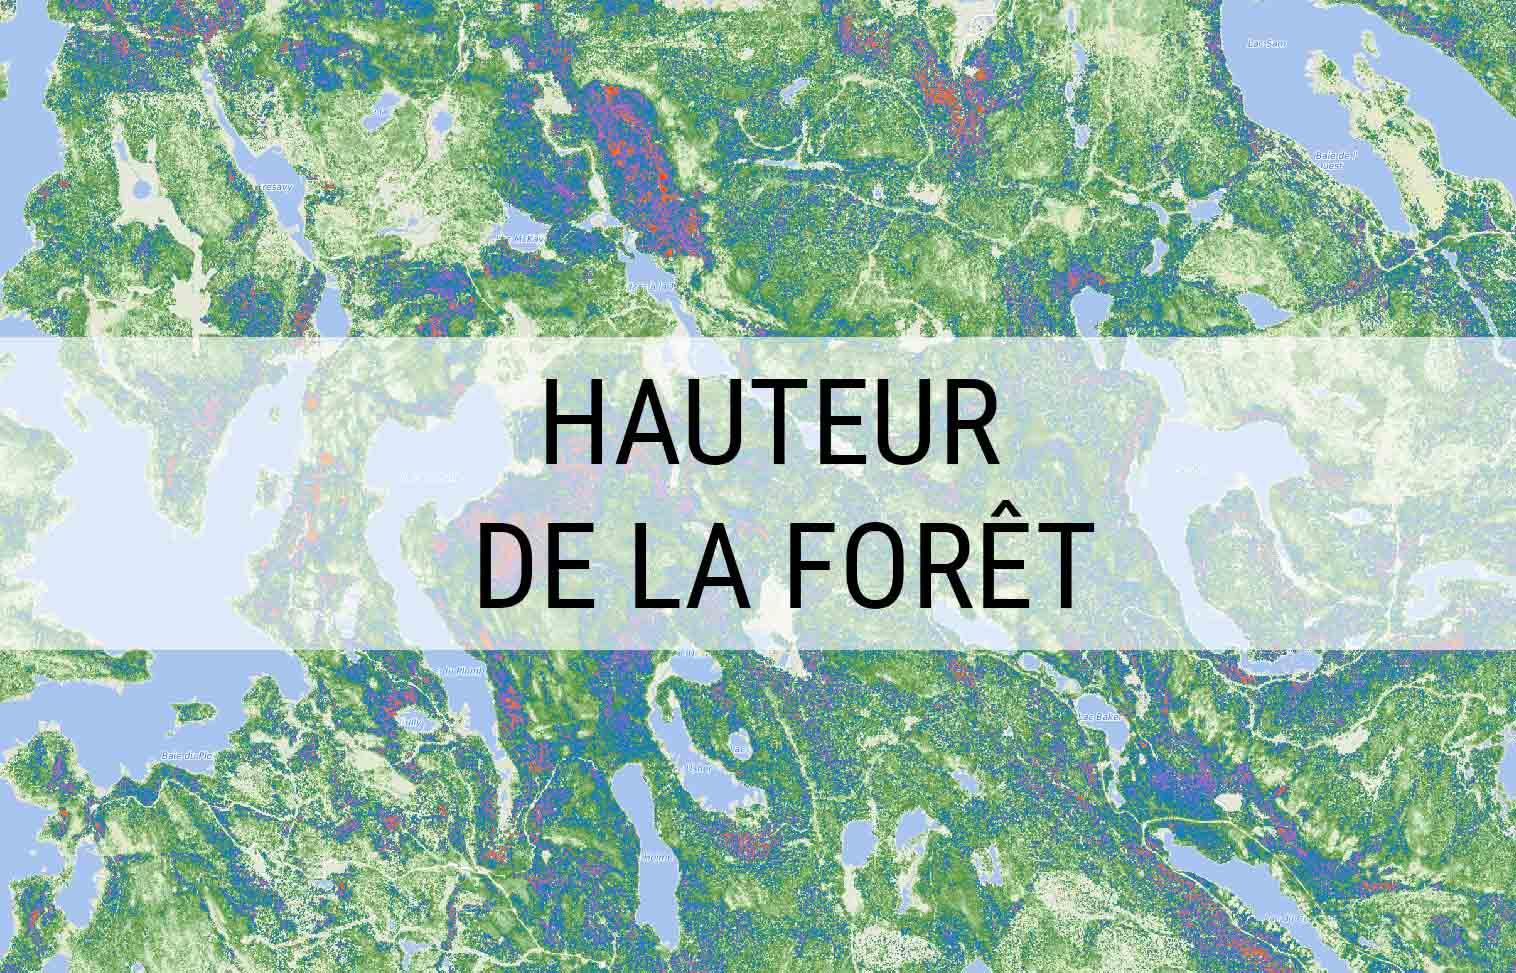 HAUTEUR DE LA FORÊT